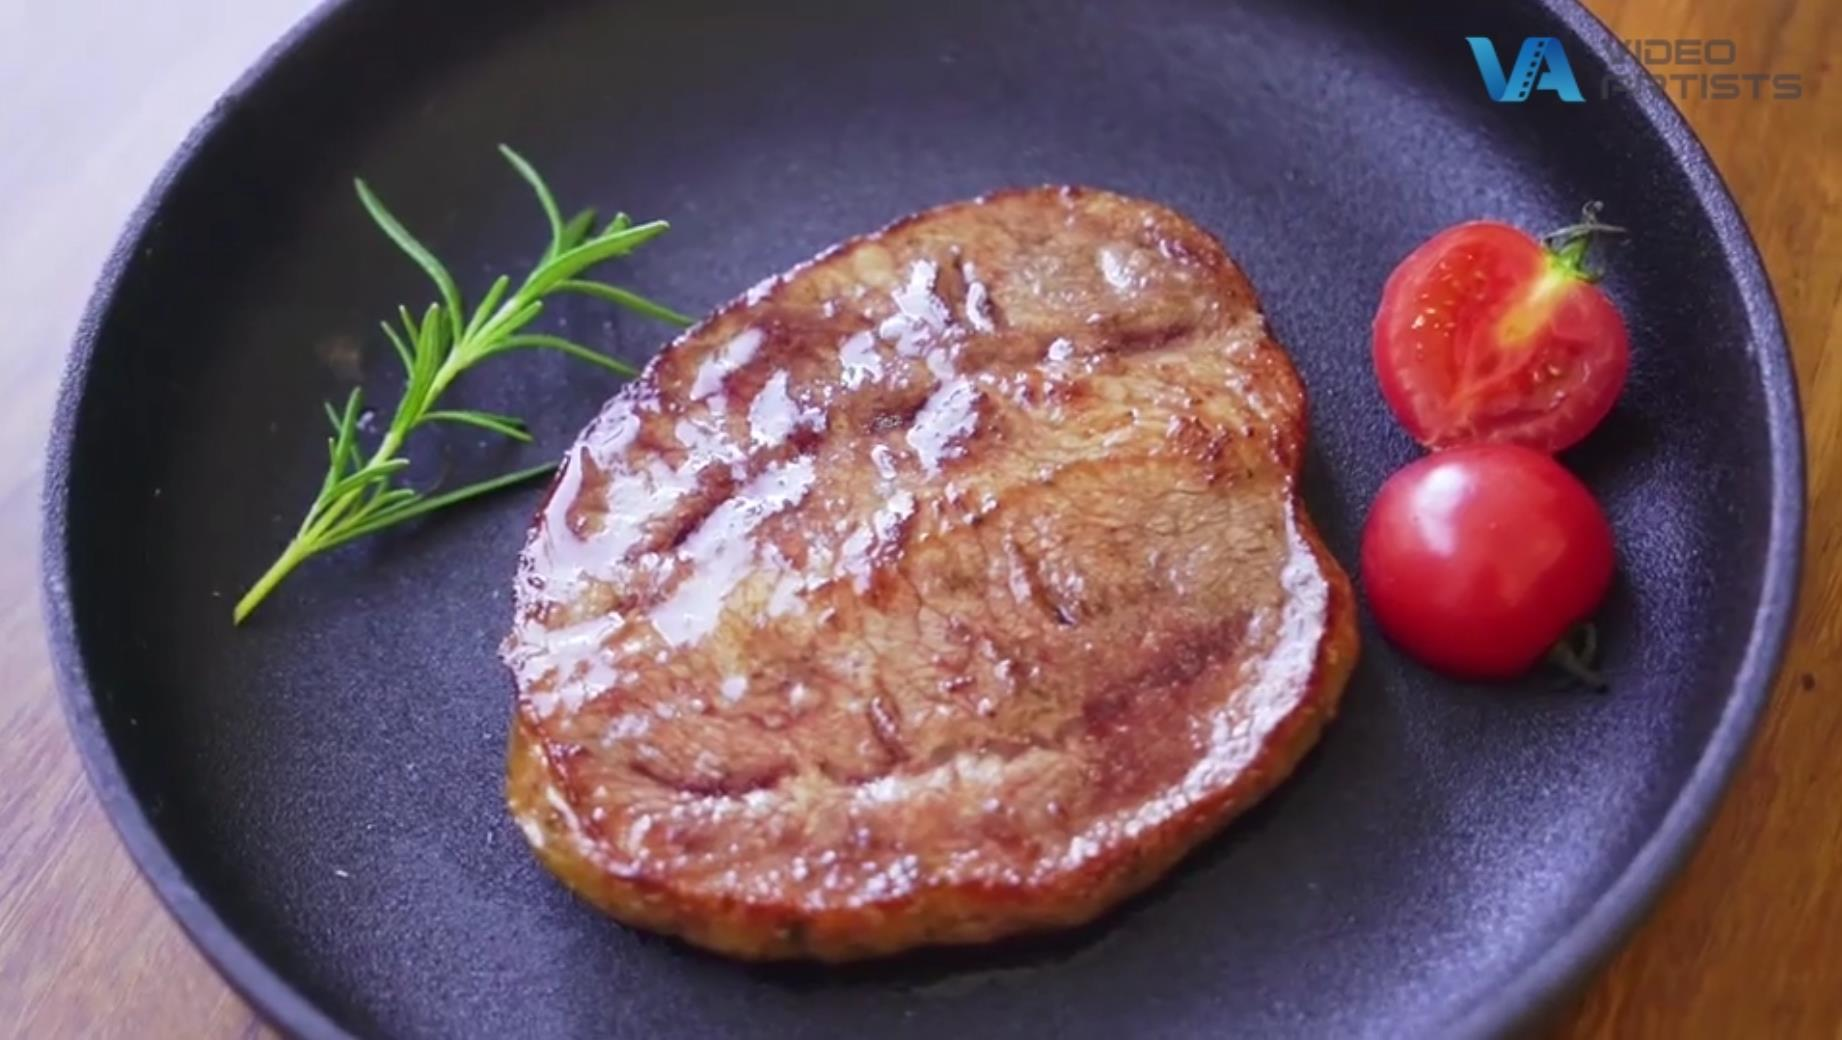 大希地黑椒牡蛎牛排-产品宣传片